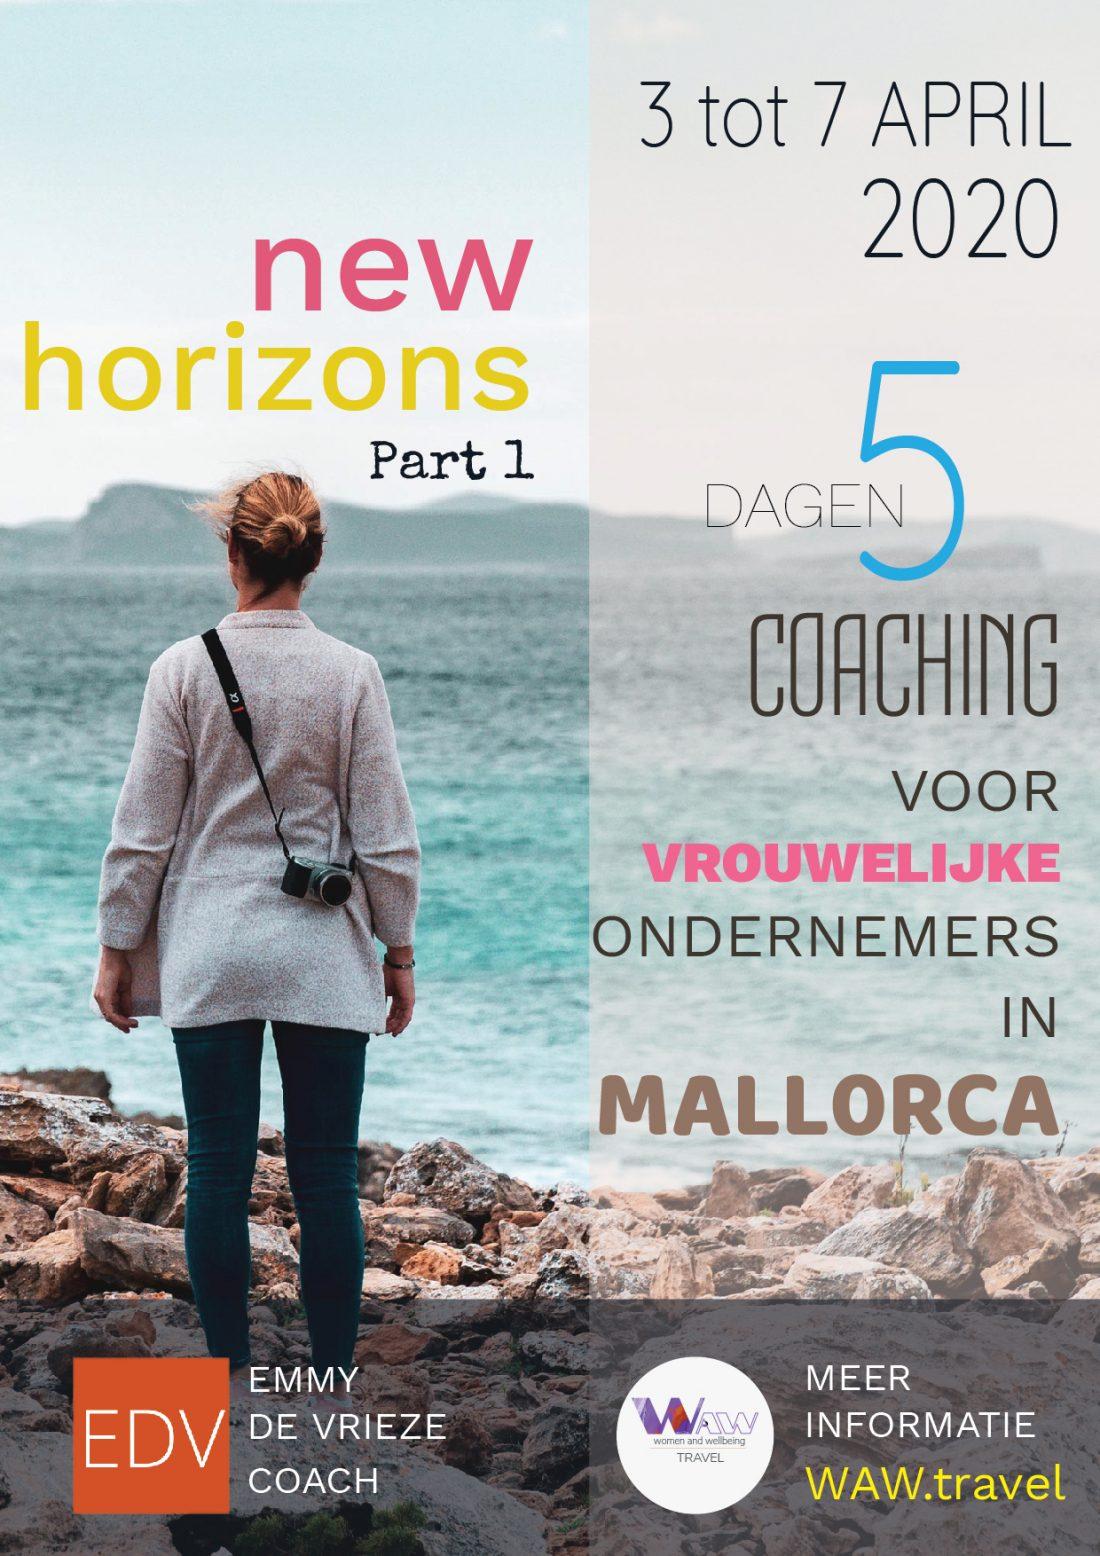 waw_travel_new_horizons_coaching_voor_vrouwenlikje_ondernemers_emmy_de_vrieze